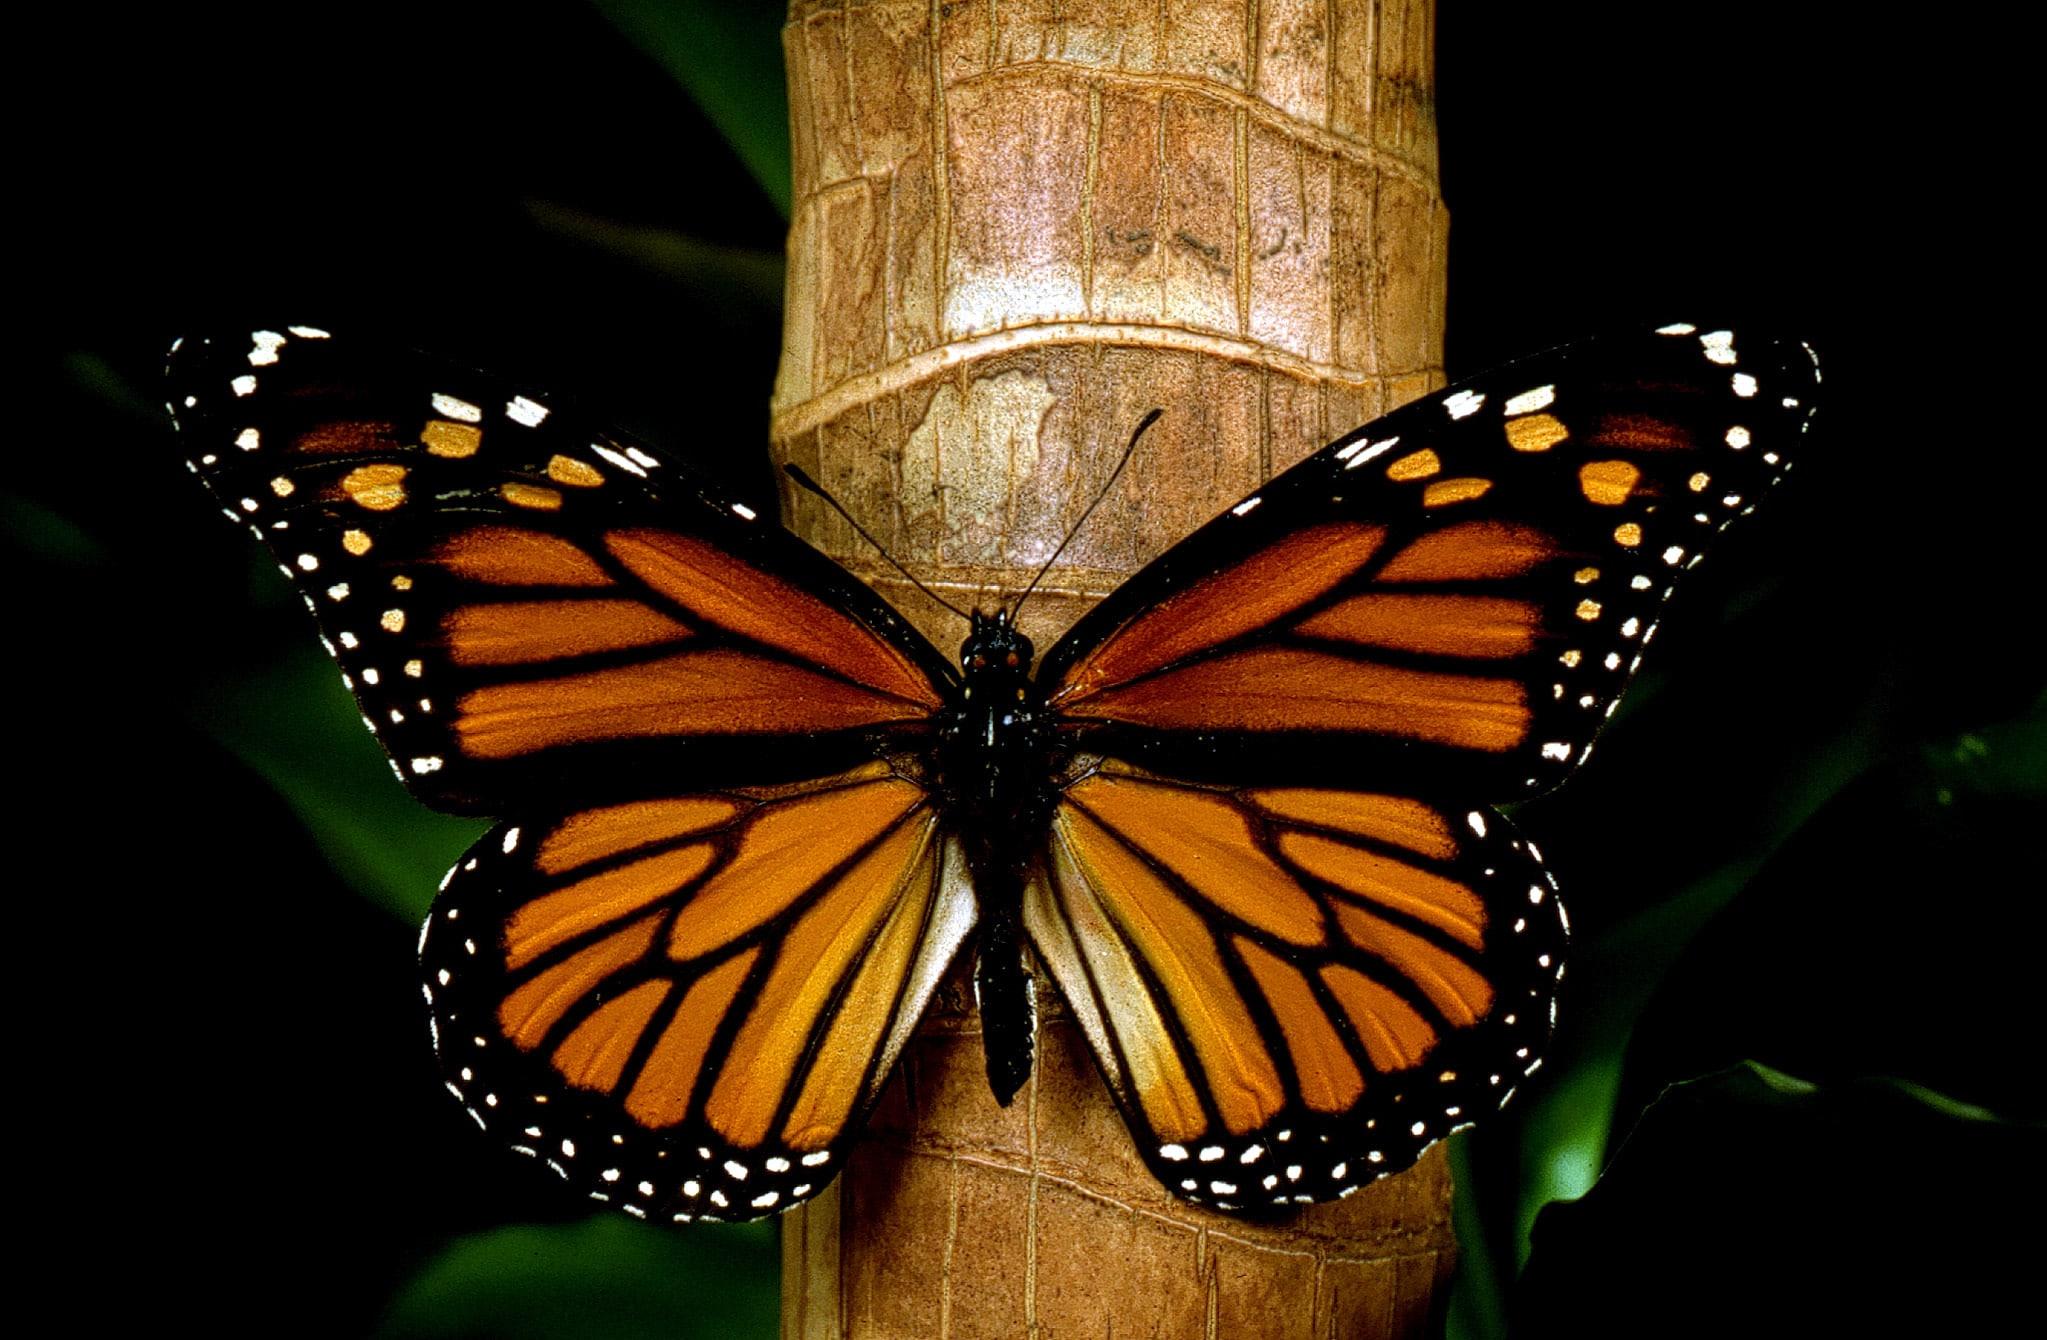 santuario-de-la-mariposa-monarca1